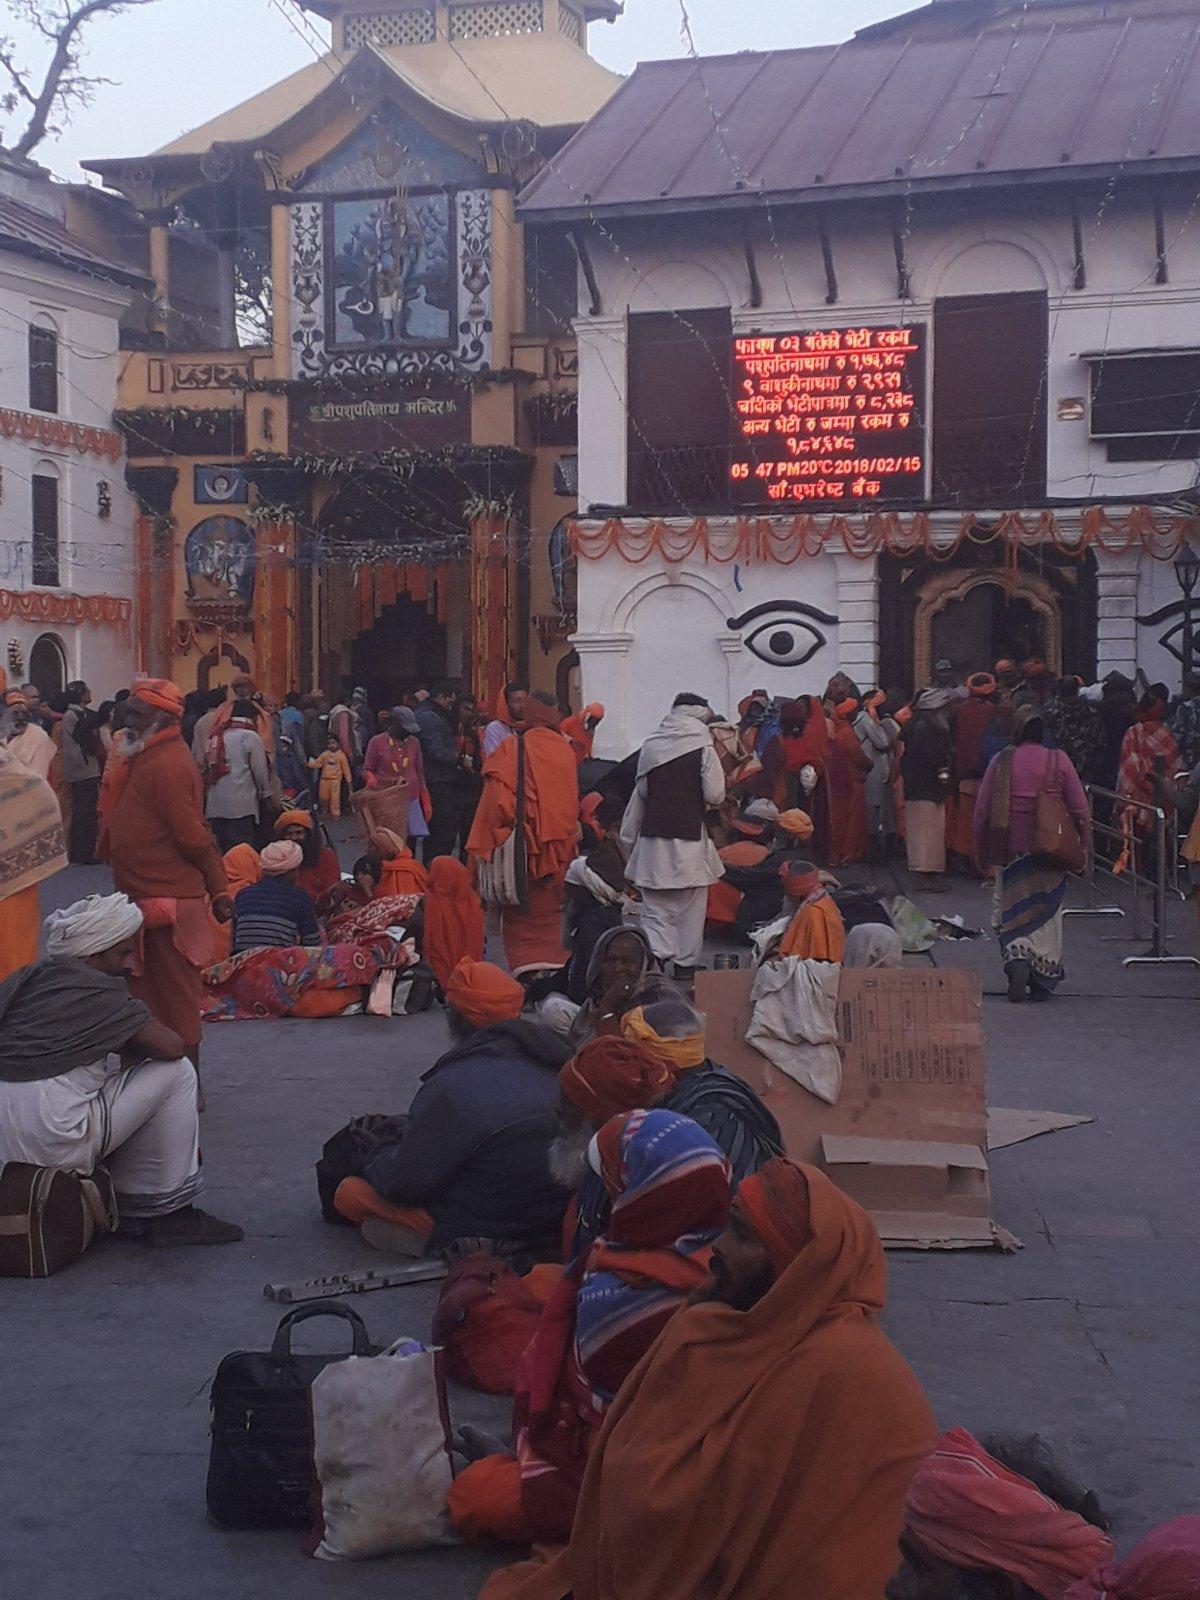 Hindu templom bejárata a Pashupatinath templomegyüttesnél •  Fotó: Kiss Judit